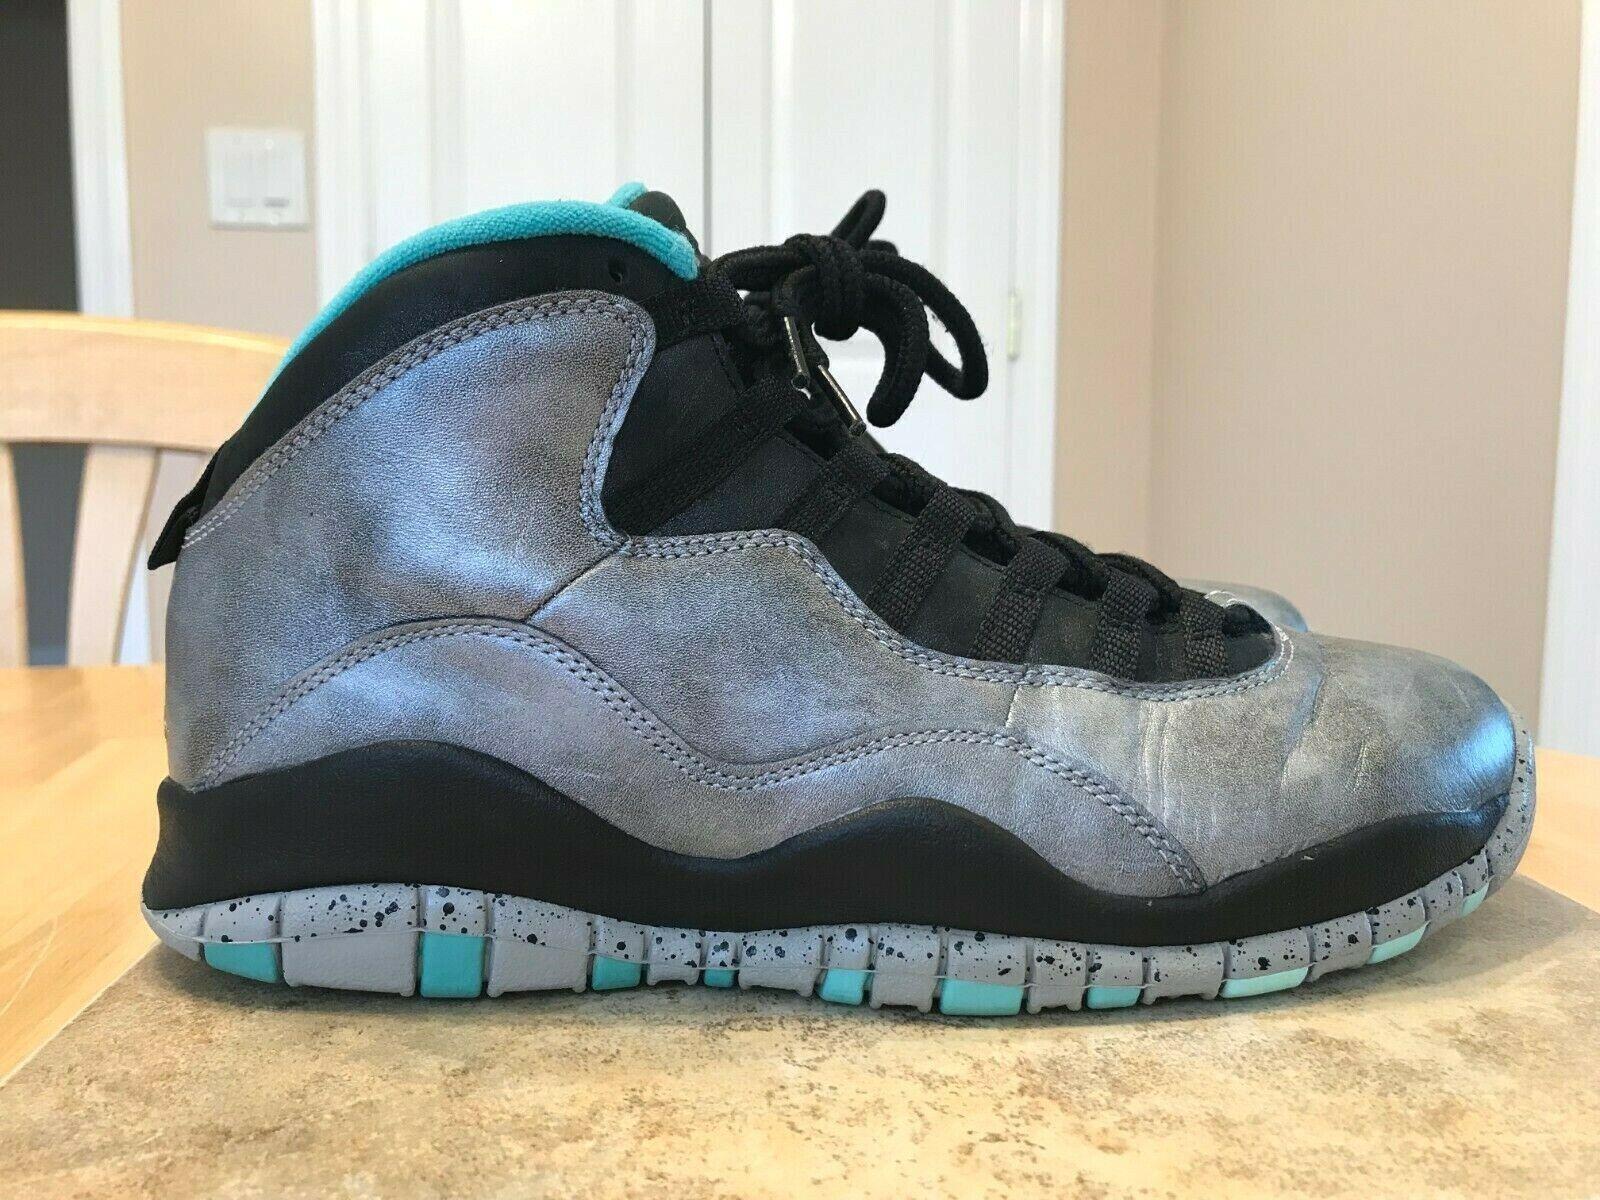 Jordan Retro 10 para hombres zapatos talla 8.5 705178 045 2014 la estatua de la libertad